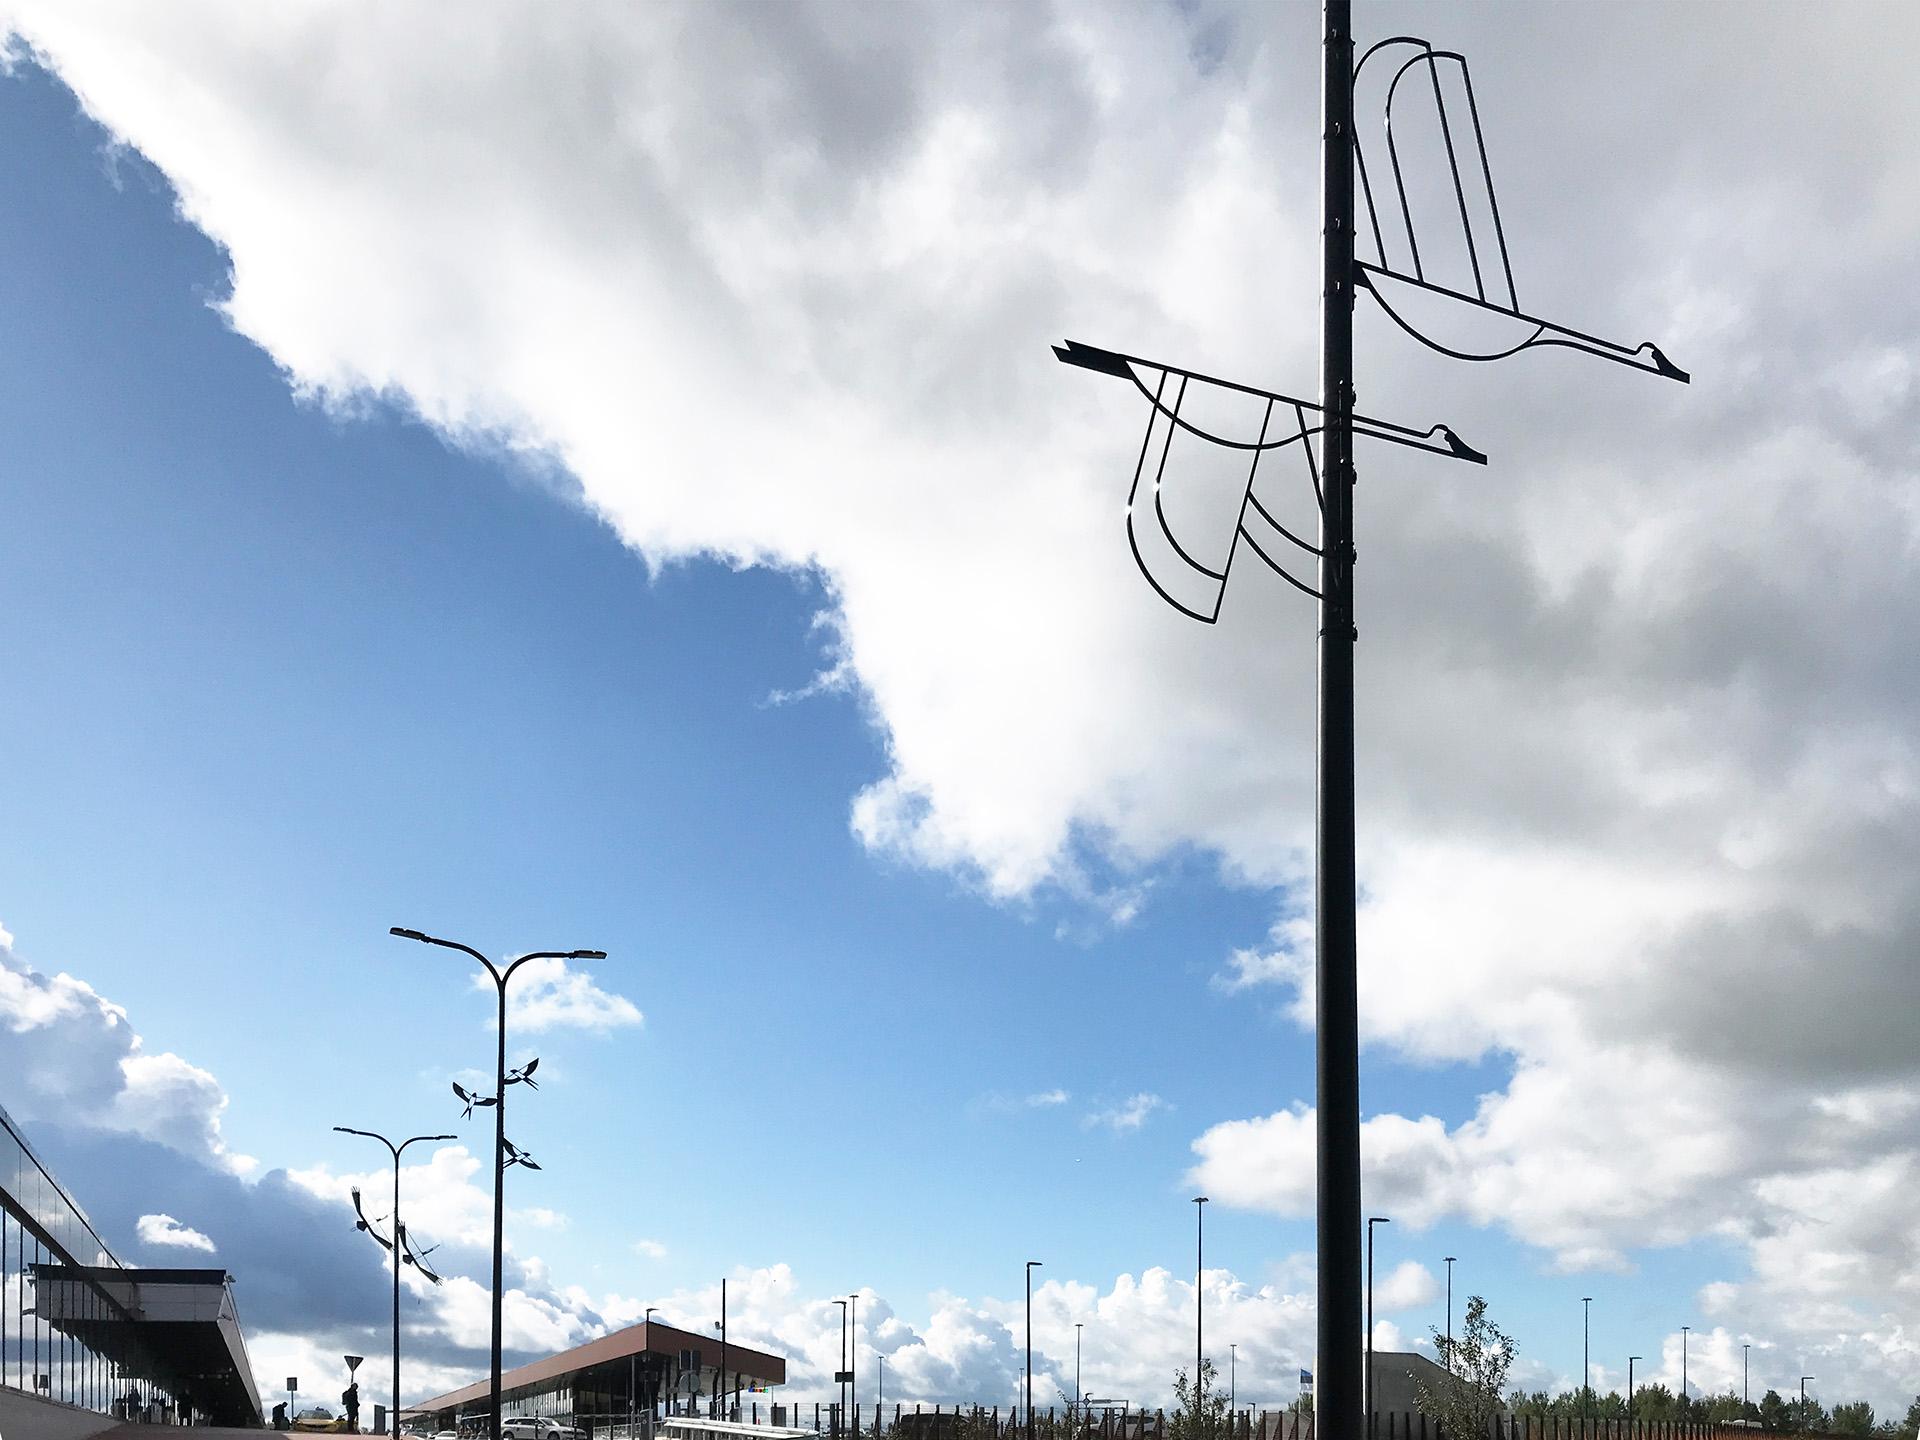 Rändlinnud. Installatsioon Tallinna Lennujaamas